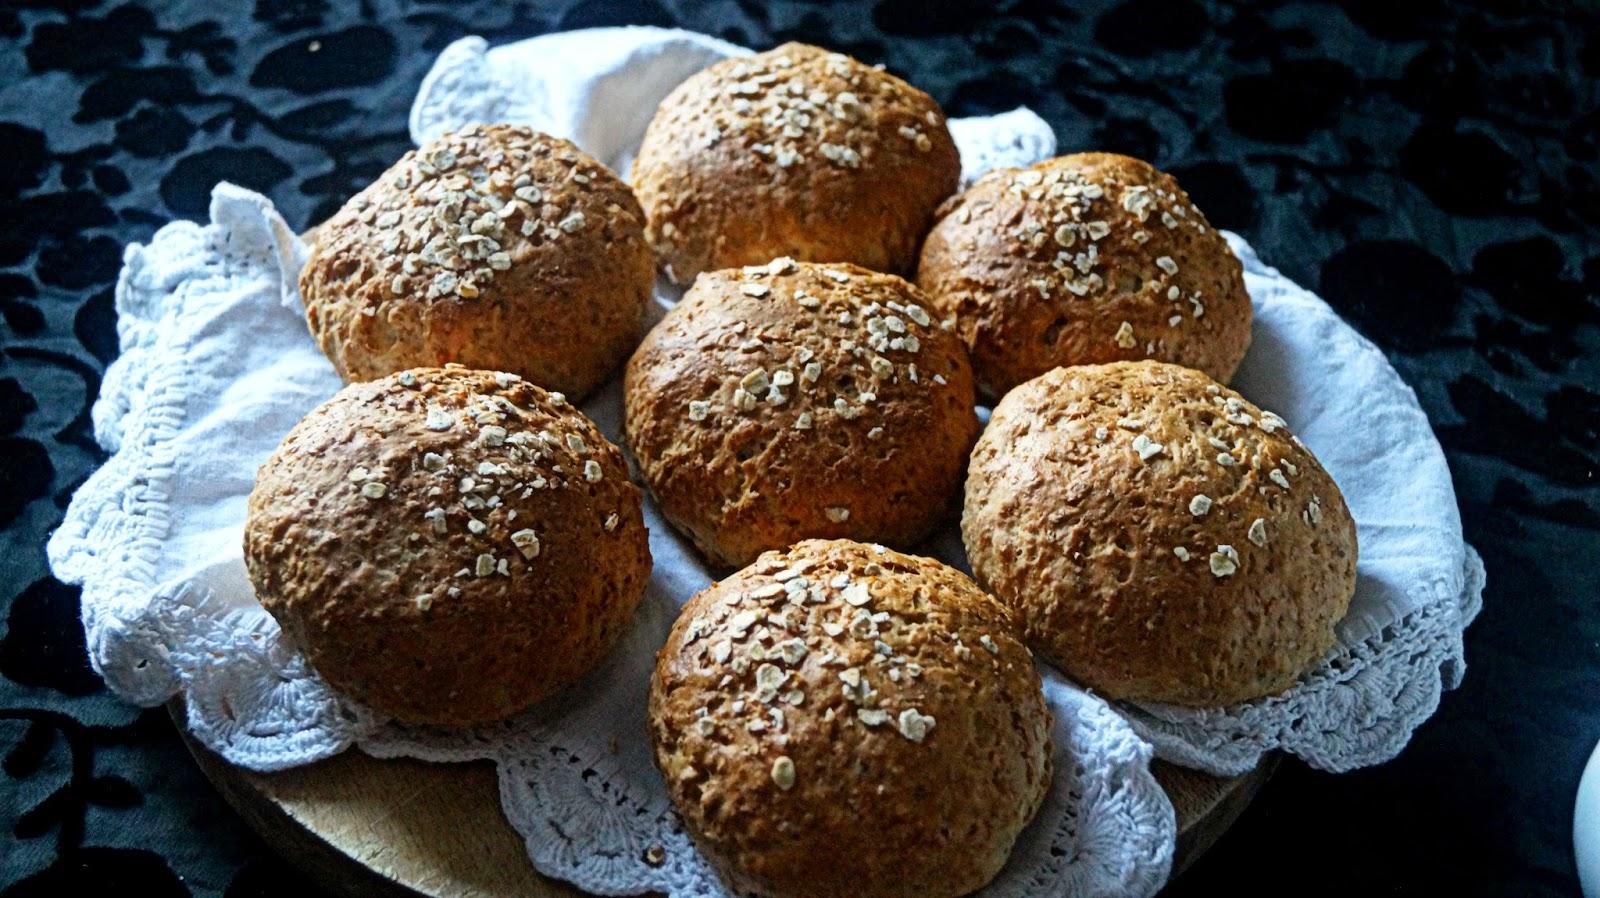 http://cupcakeluvs.blogspot.dk/2014/12/havregryns-boller-oatmeal-buns.html